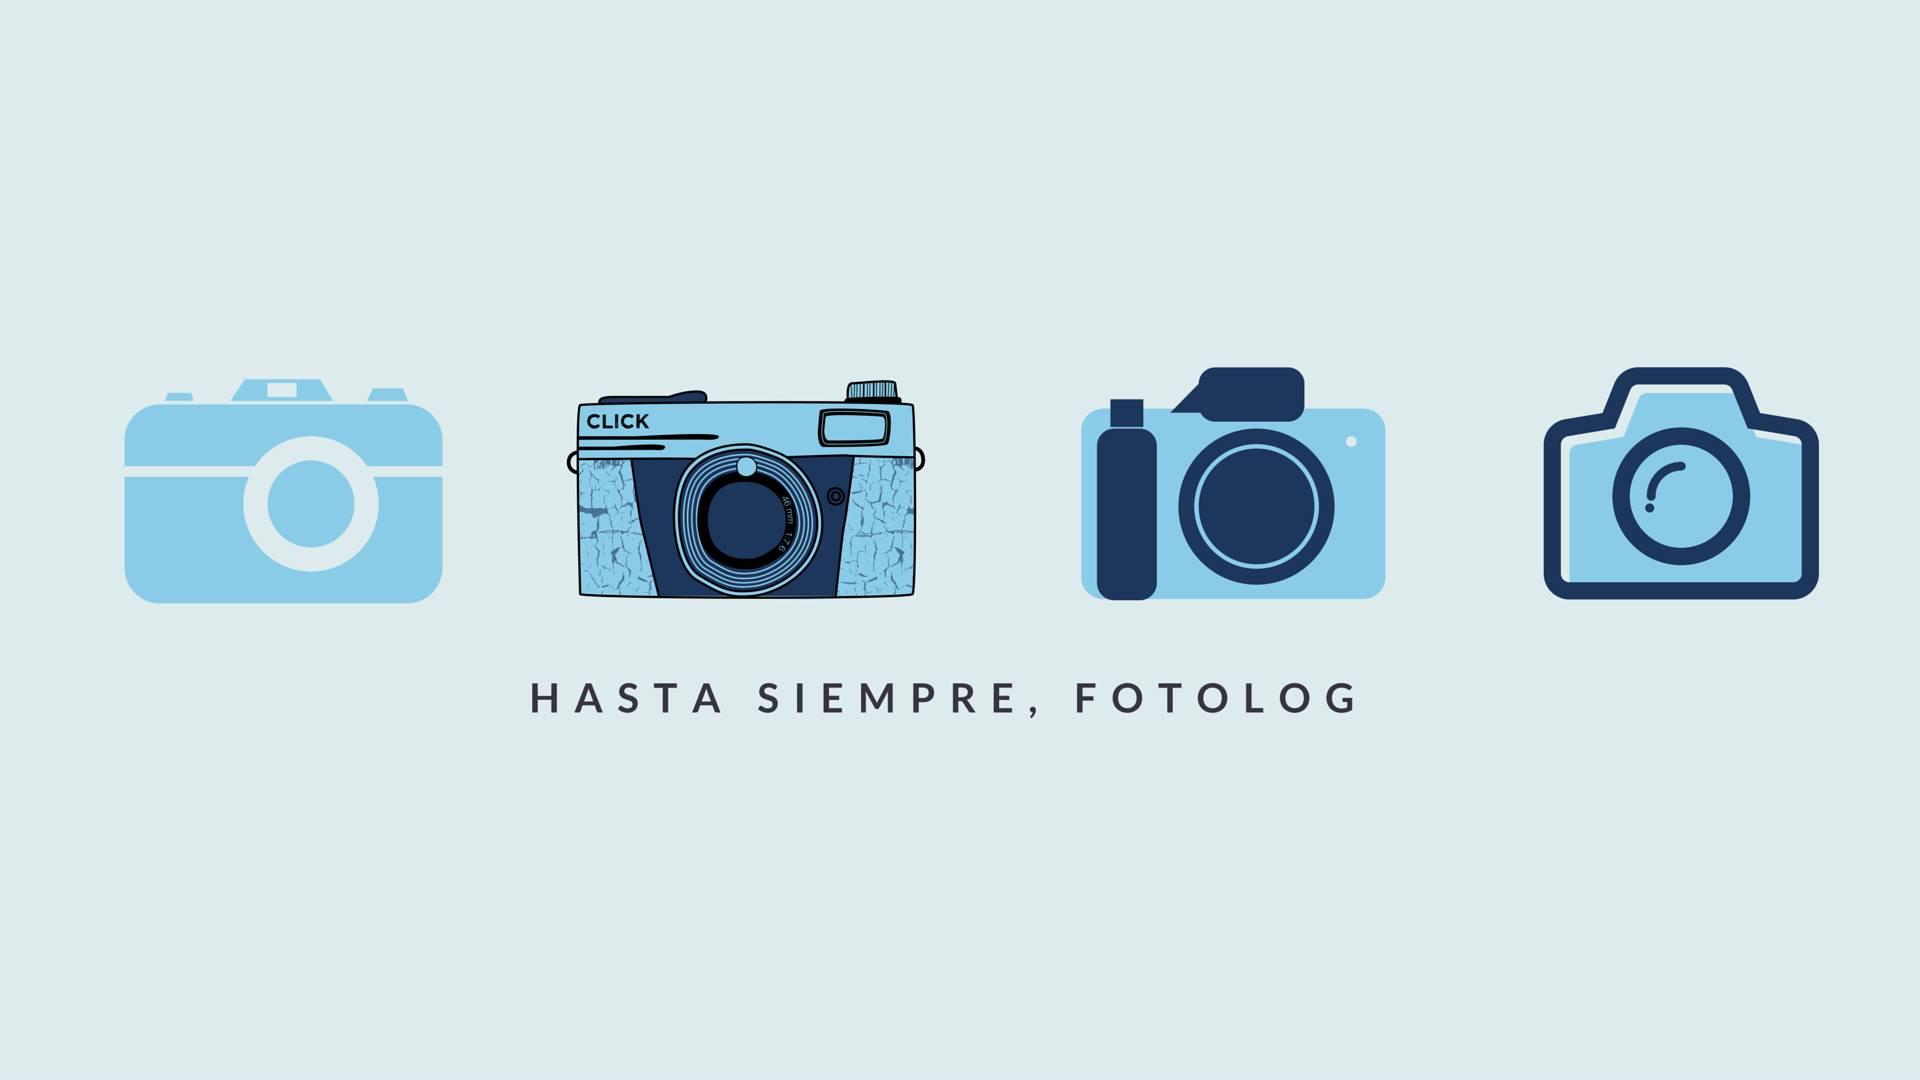 Fotlog